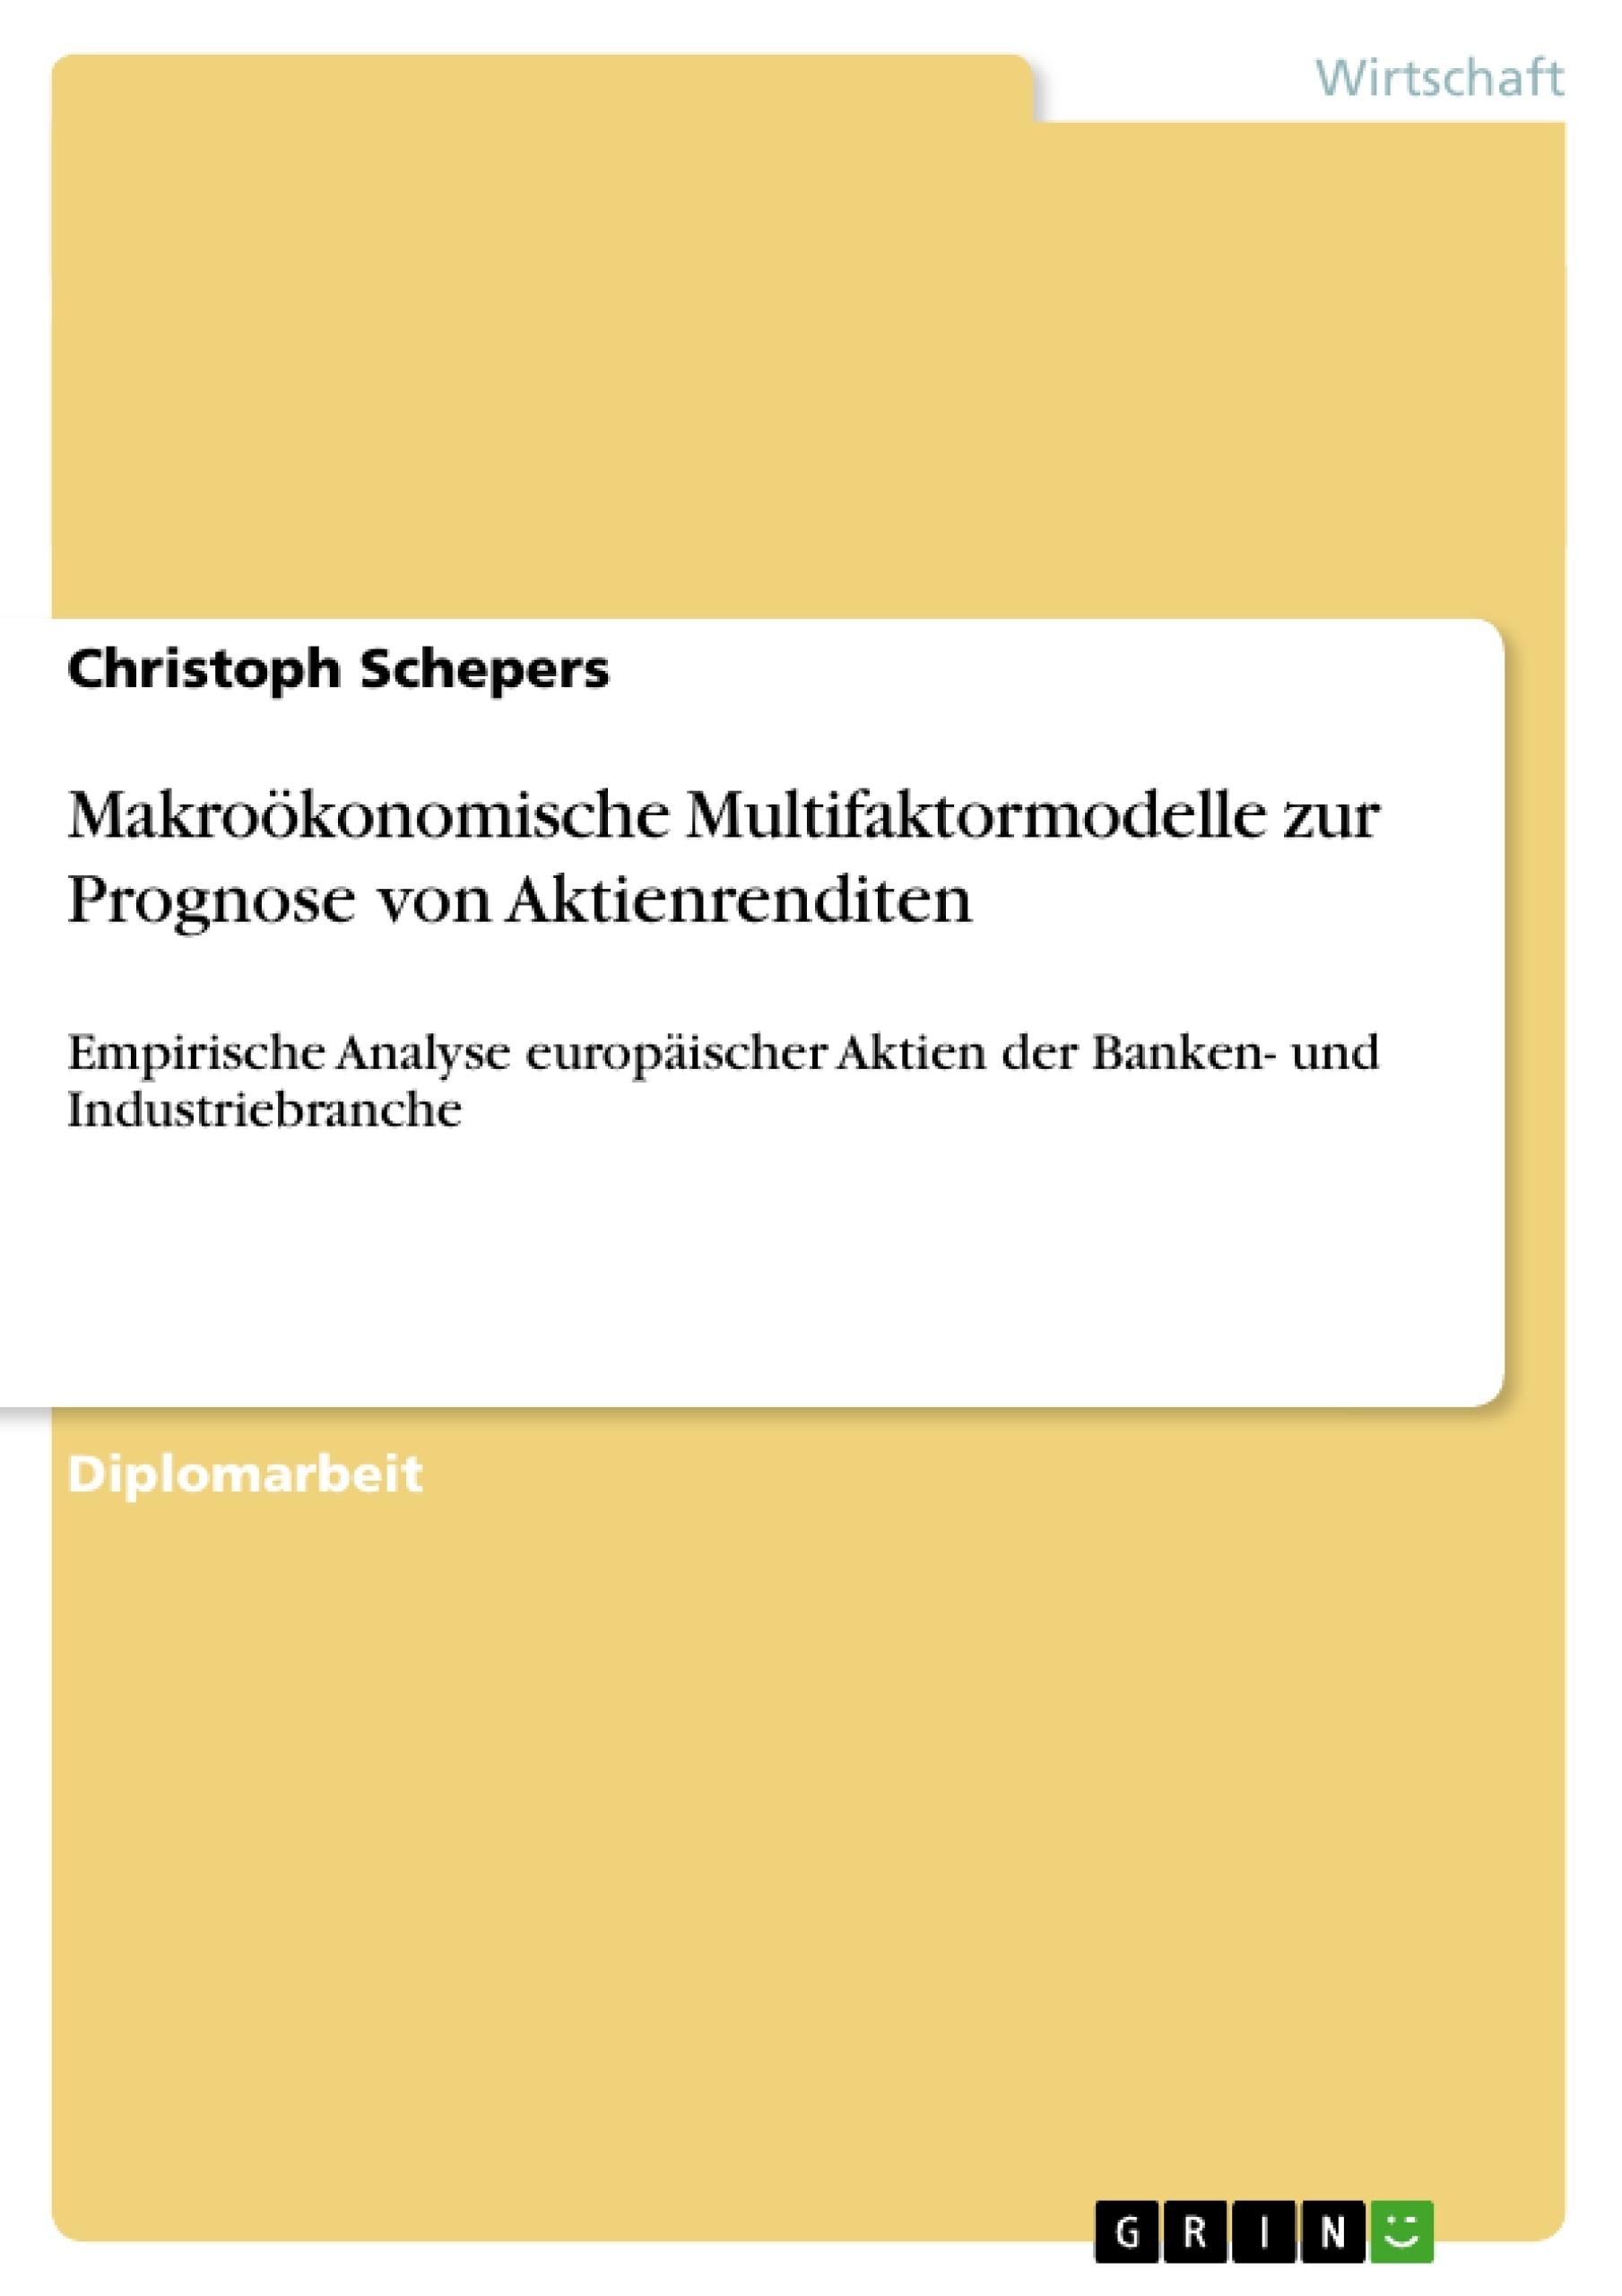 Titel: Makroökonomische Multifaktormodelle zur Prognose von Aktienrenditen